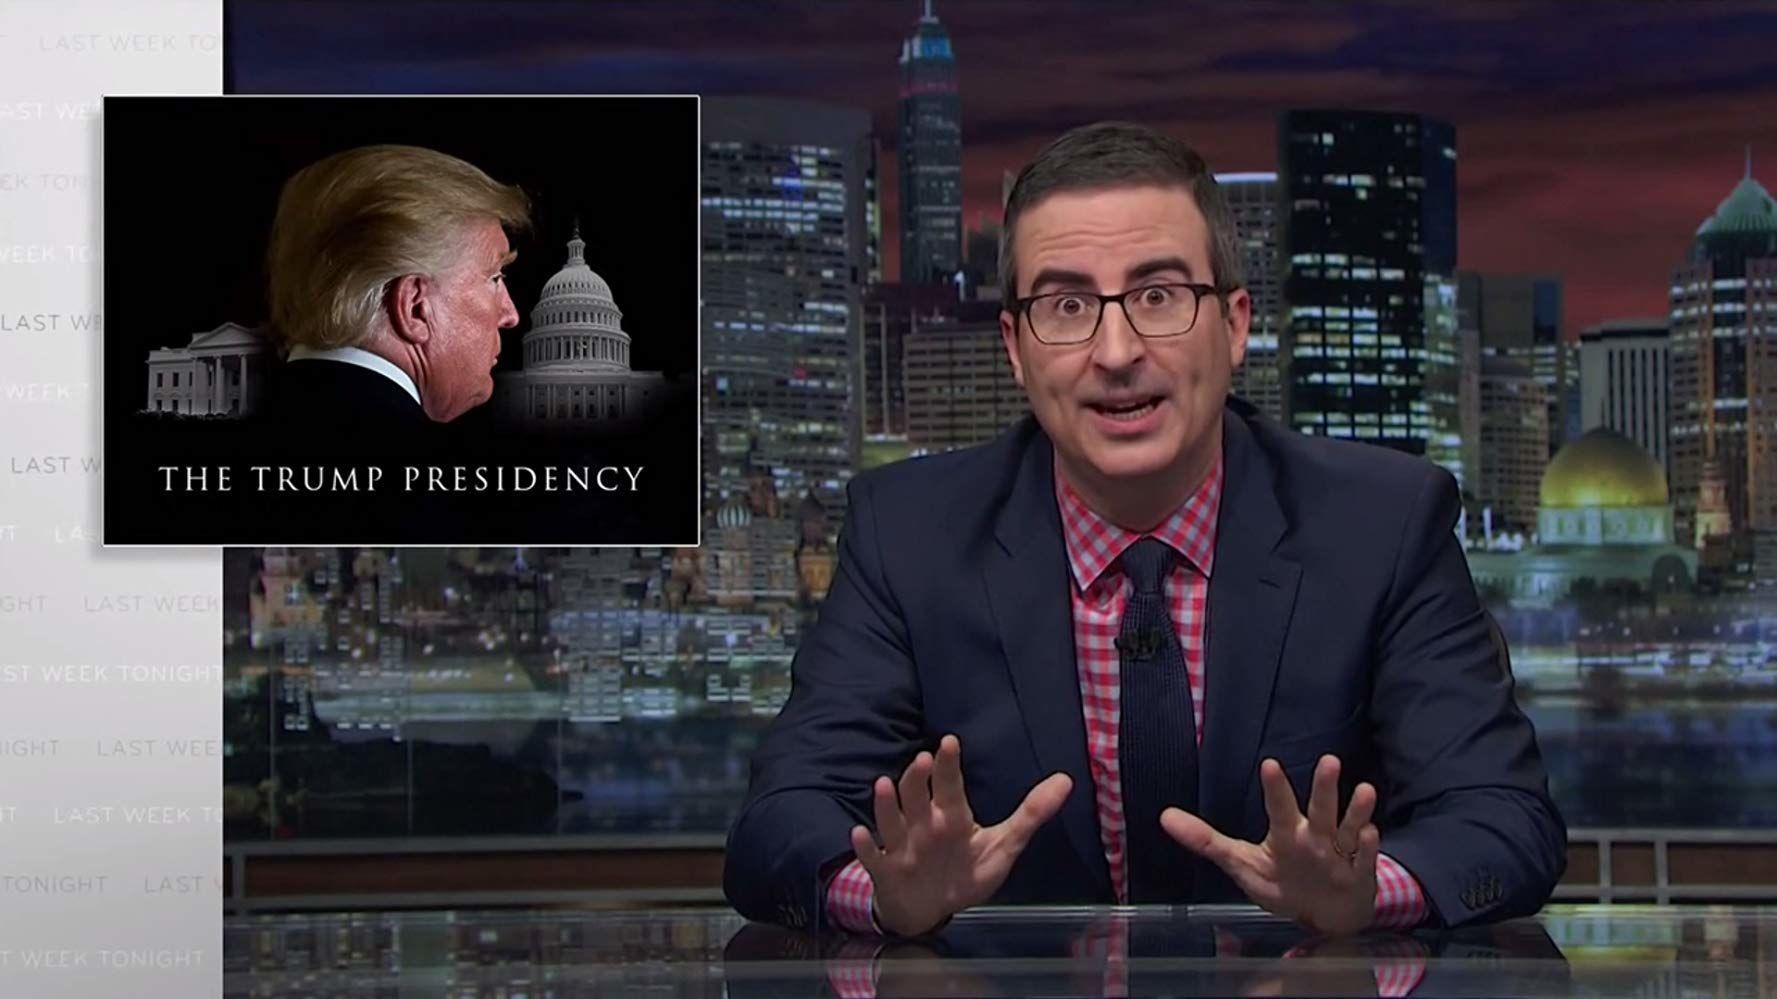 События прошедшей недели с Джоном Оливером — s04e30 — The Trump Presidency